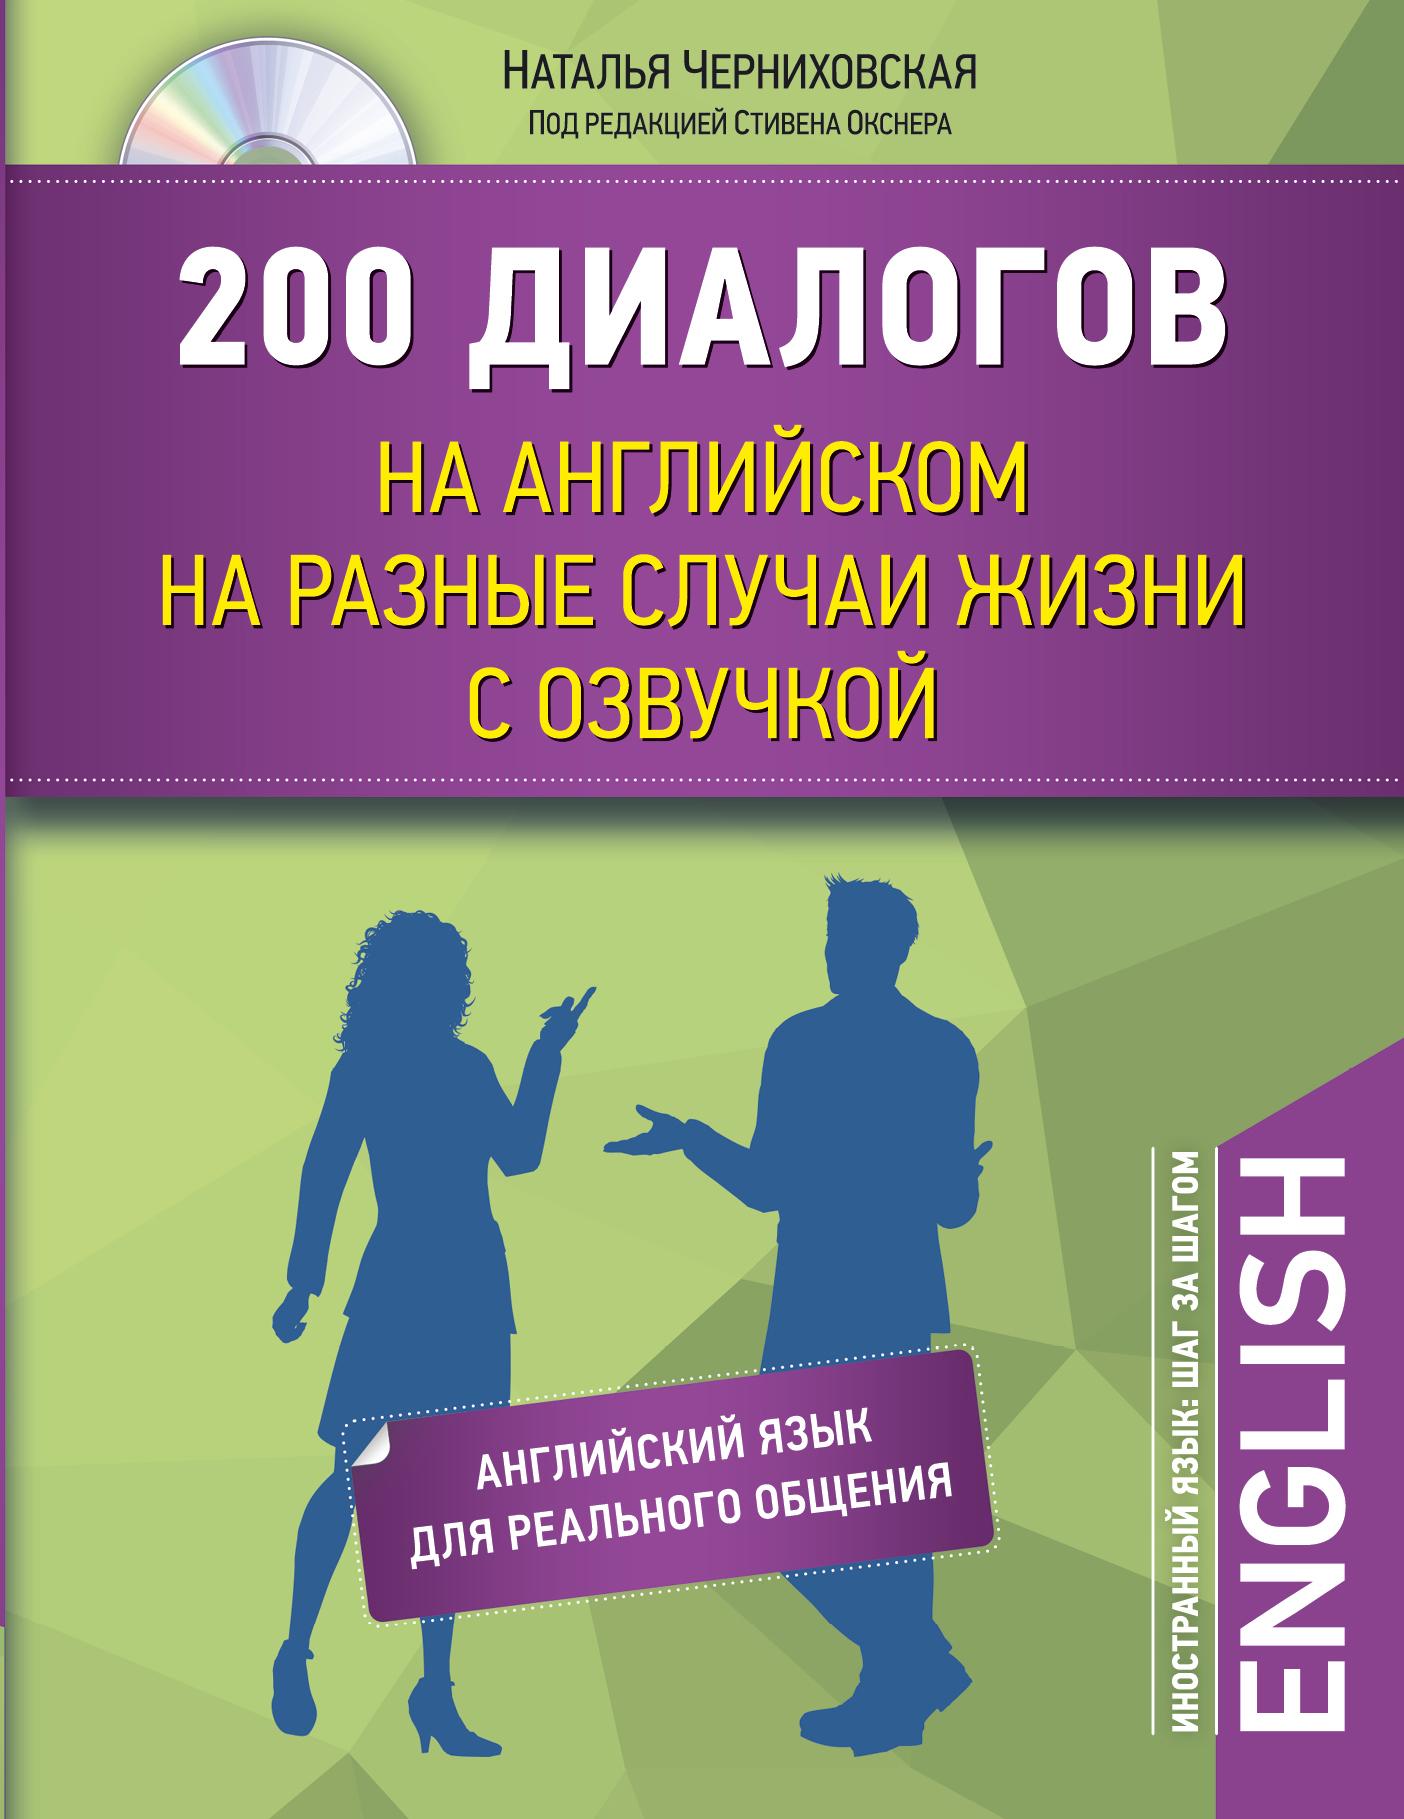 Черниховская Н.О. 200 диалогов на английском на разные случаи жизни с озвучкой + CD цена